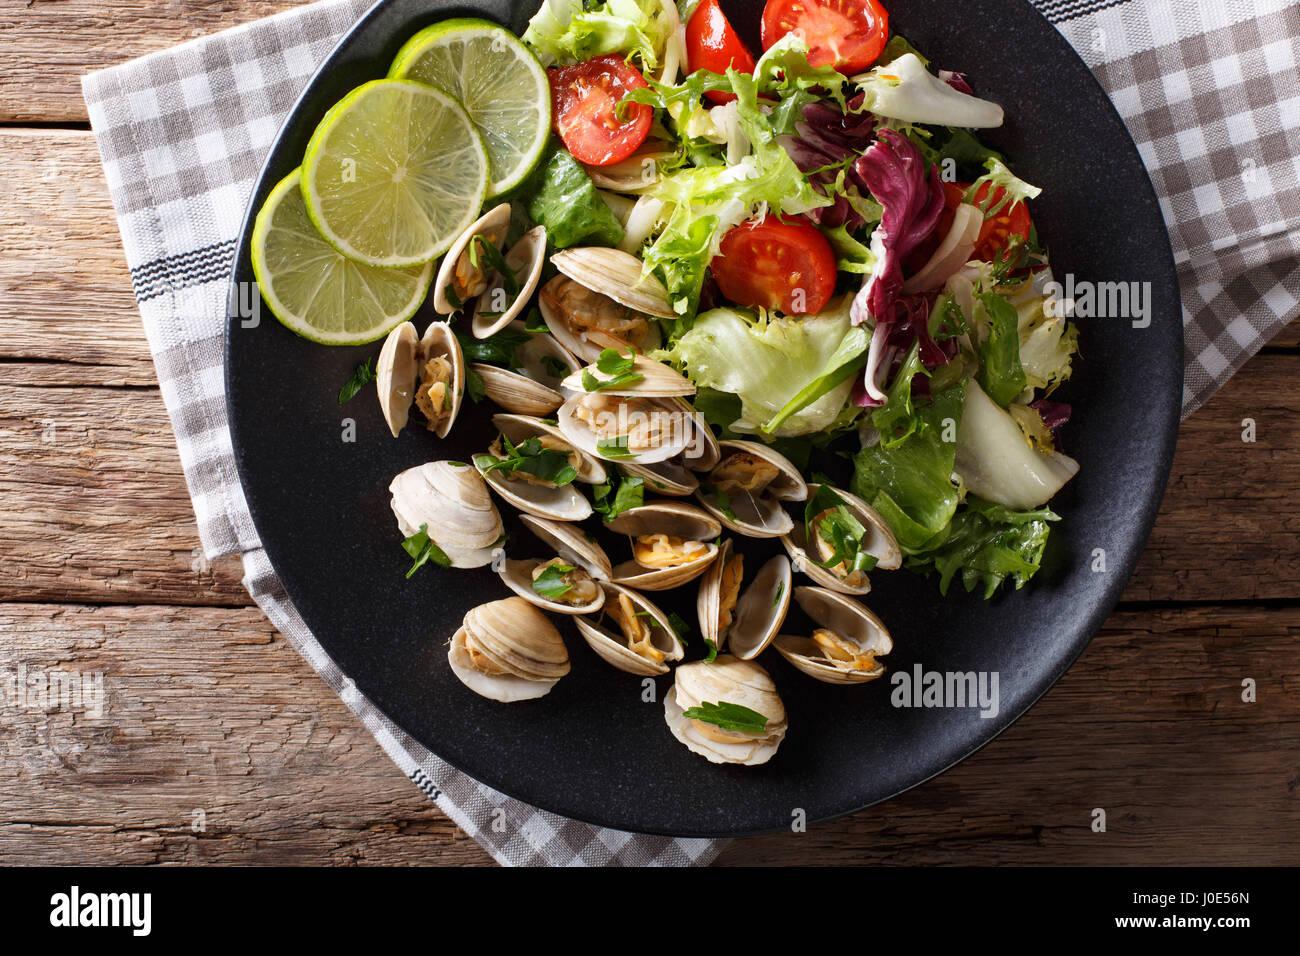 Delicatessen las almejas con limón y ensalada de verduras frescas de cerca en una placa. Vista desde arriba Imagen De Stock